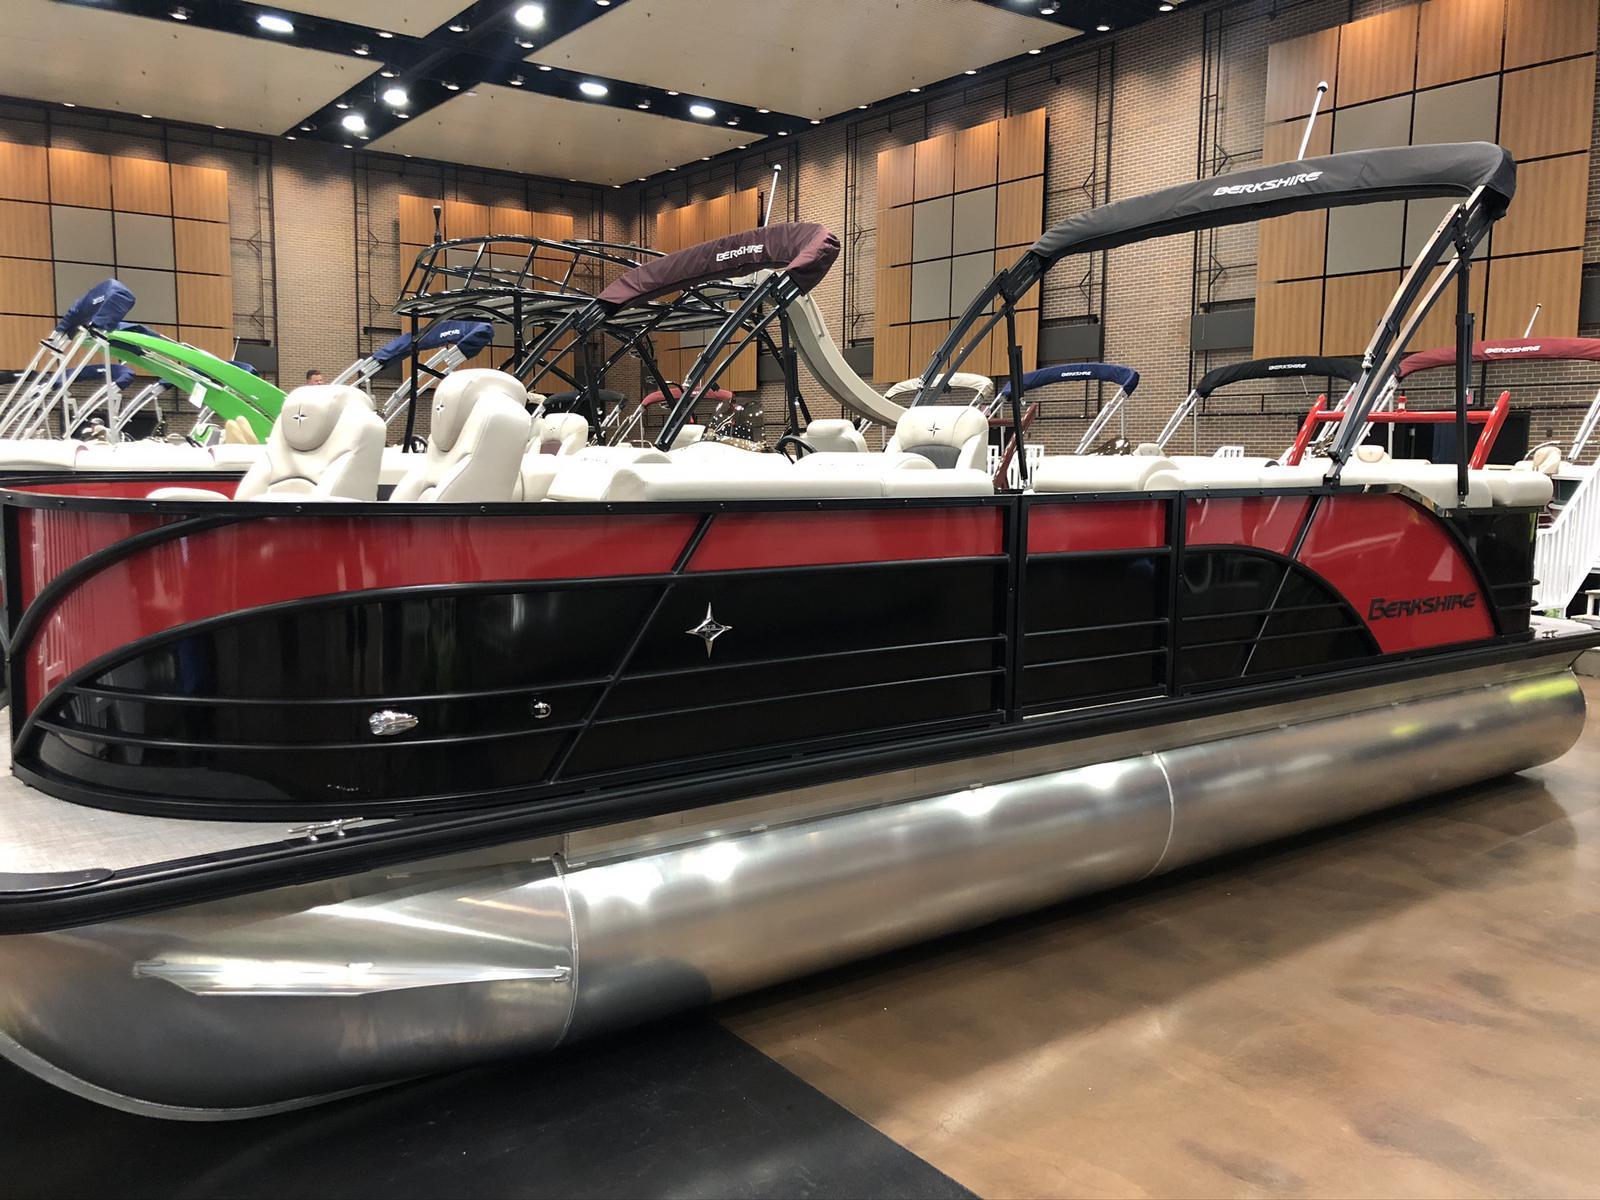 Berkshire STS Fishing Series 23FC 2.75 Tritoon